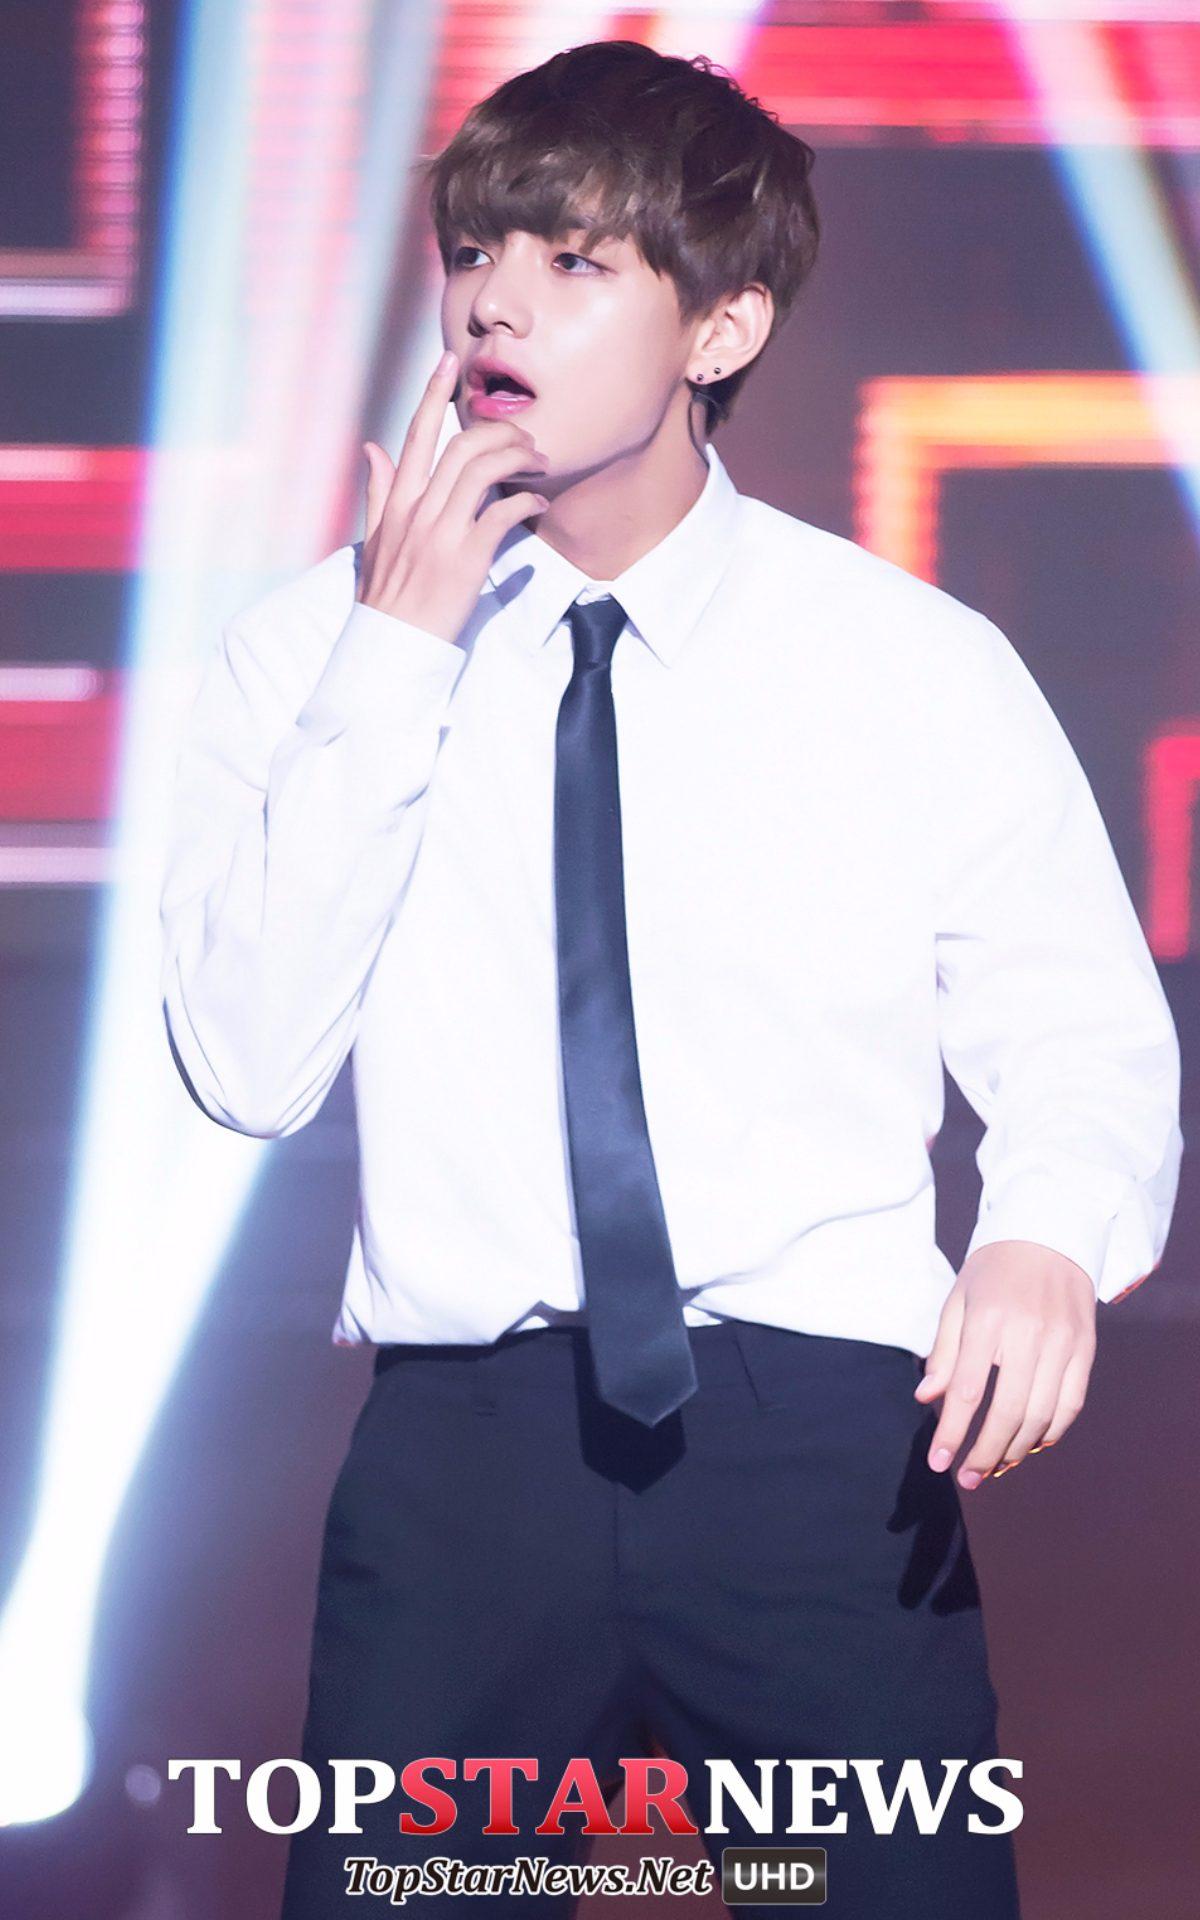 這次是白襯衫黑領帶!防彈少年團的V! 手勢跟微張的嘴唇真的太犯規了!雖然臉蛋沒有太濃厚的大人氣息,但還是好性感~~~